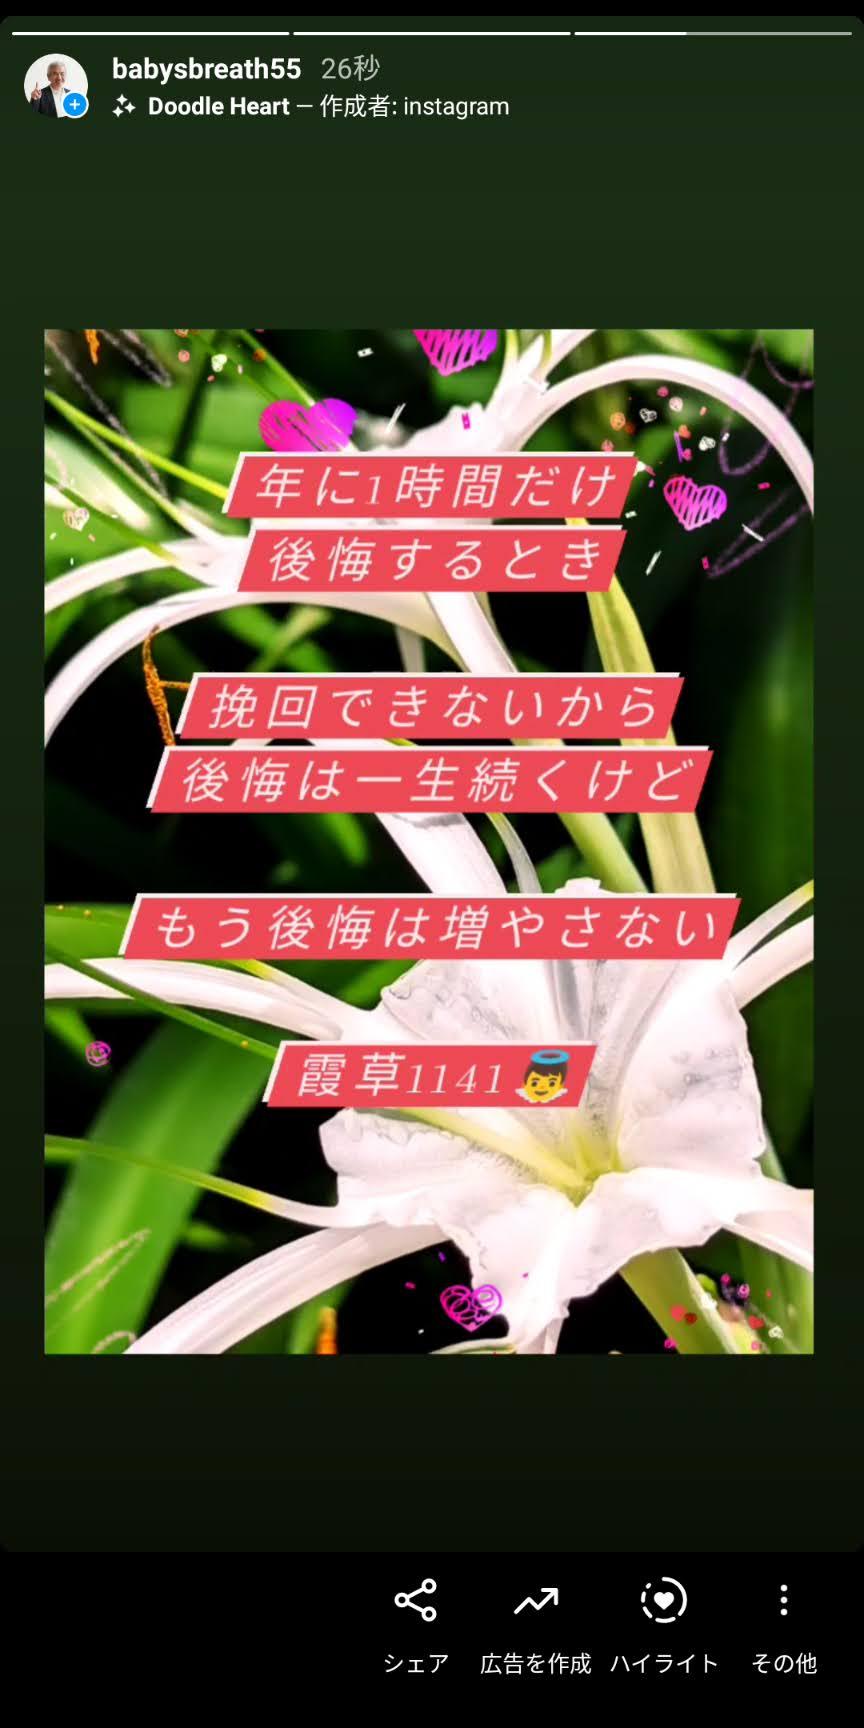 Screenshot_20210819-083618.jpg